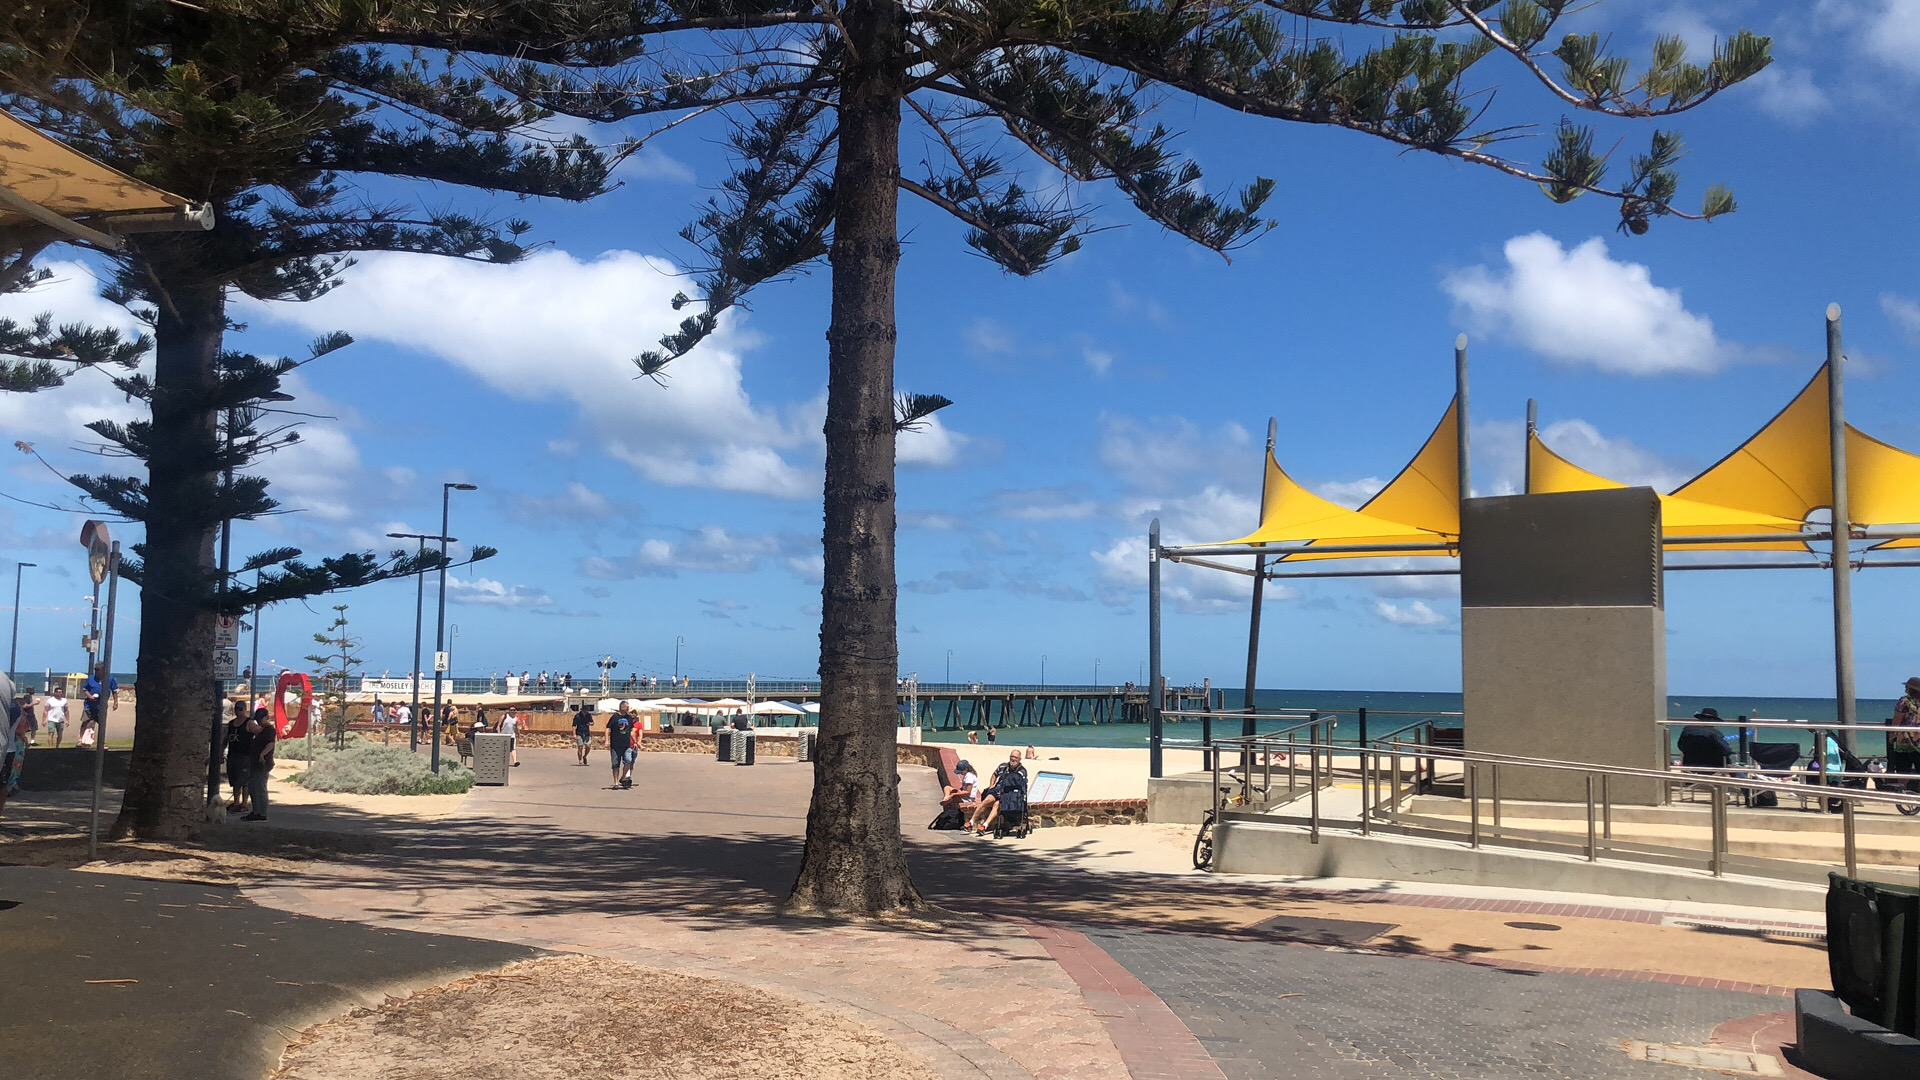 澳大利亚留学需小心的几大禁忌